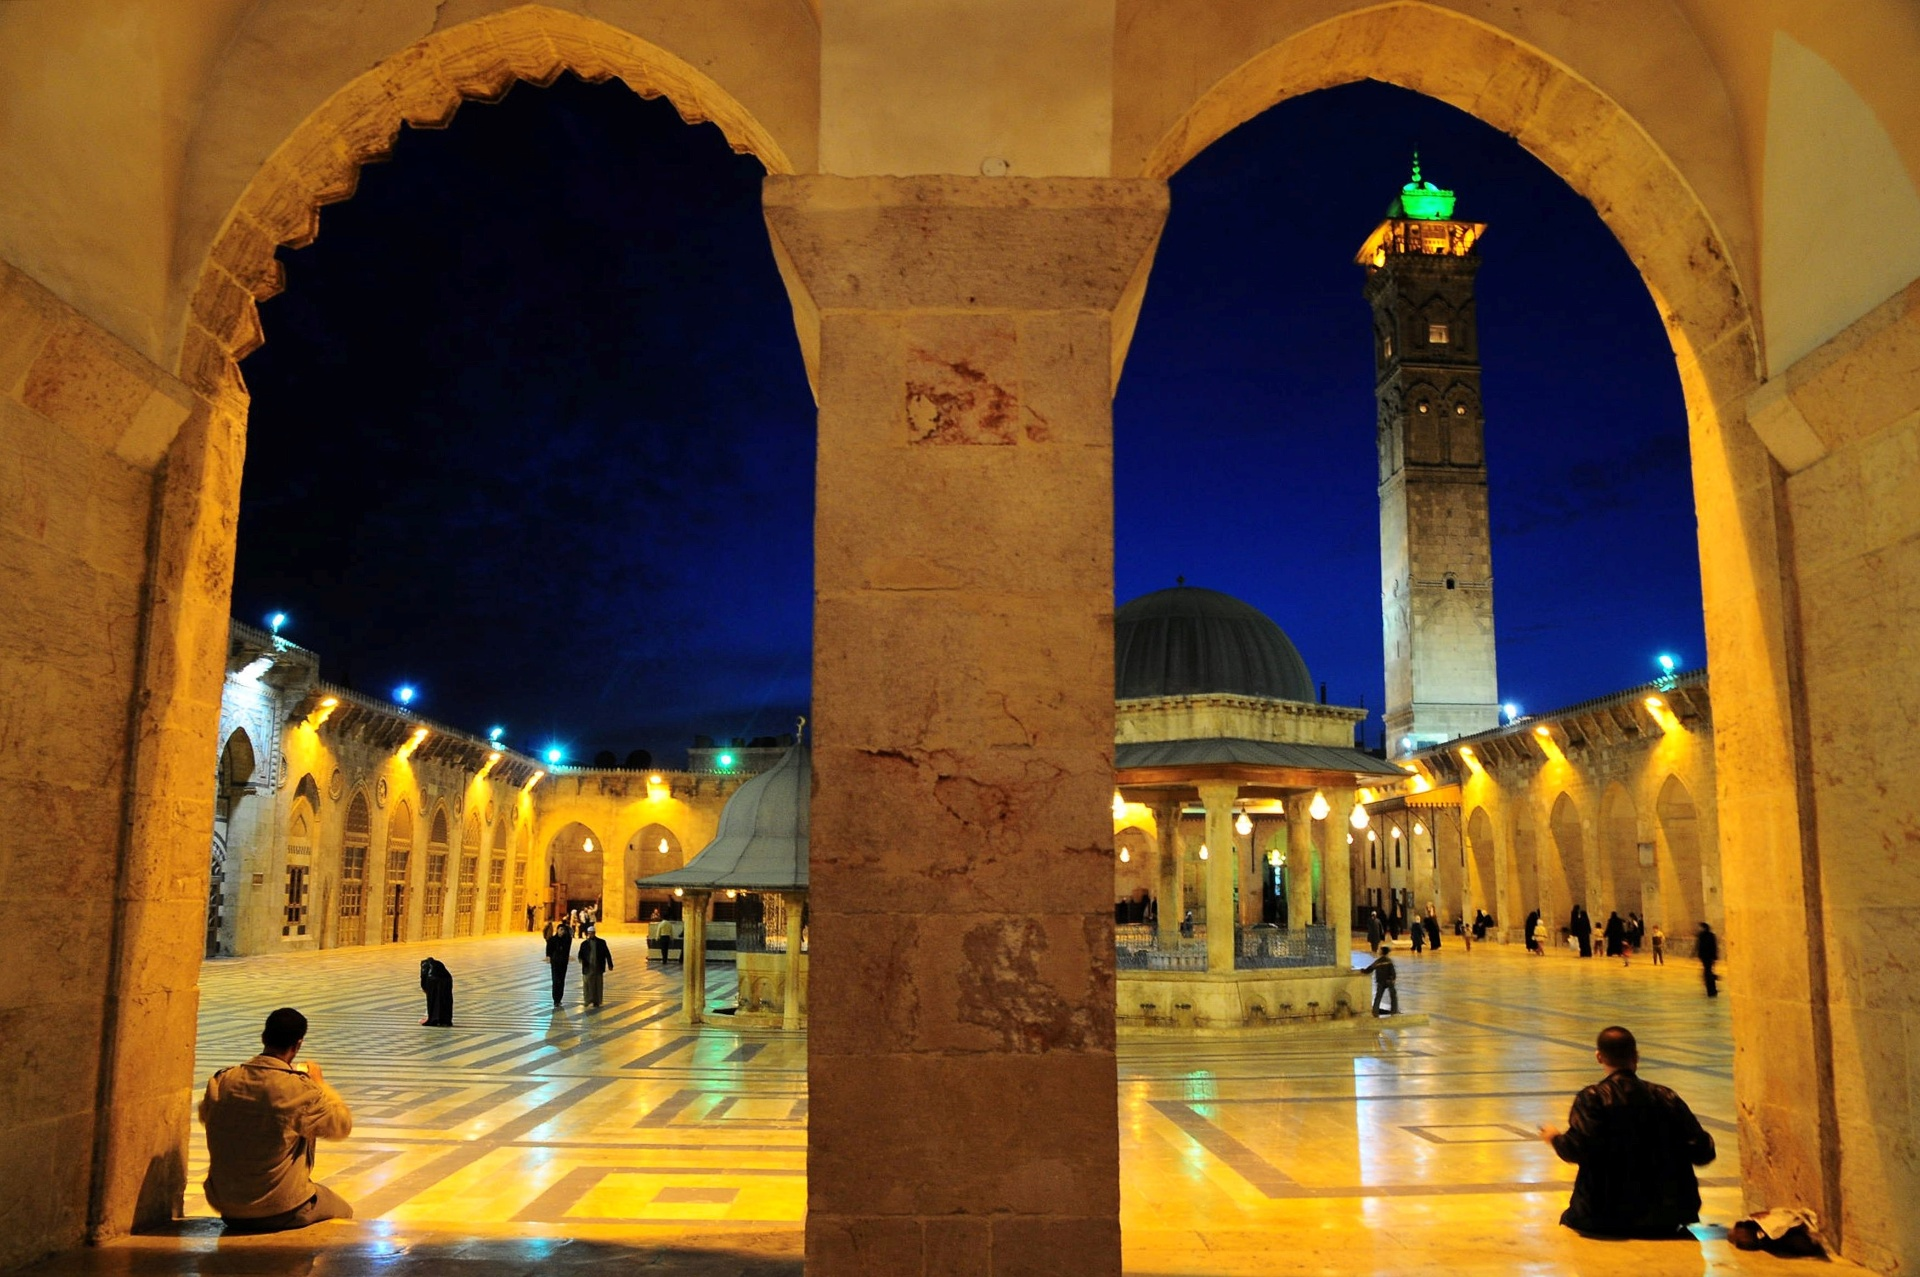 22.dez.2016 - Pessoas caminham pela mesquita de Umayyad em Aleppo, na Síria. O registro foi feiro em março de 2009. Com a guerra, a cidade passou a ser dividida entre o governo e rebeldes. O exército manteve o controle de algumas áreas que estavam cercadas por insurgentes criando túneis secretos